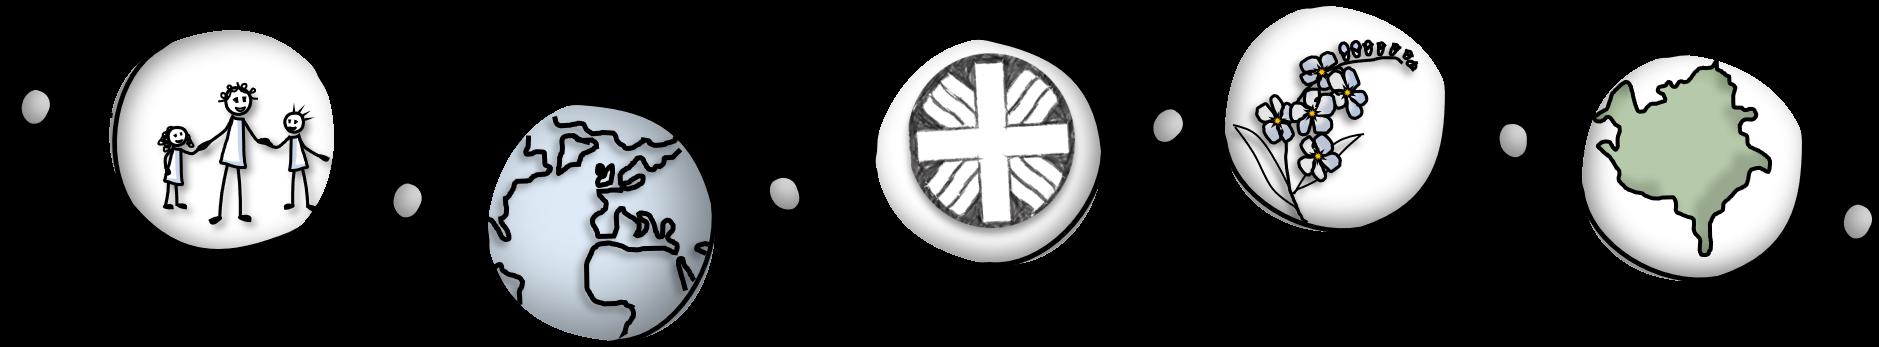 caritas-vogtland HEADER V3